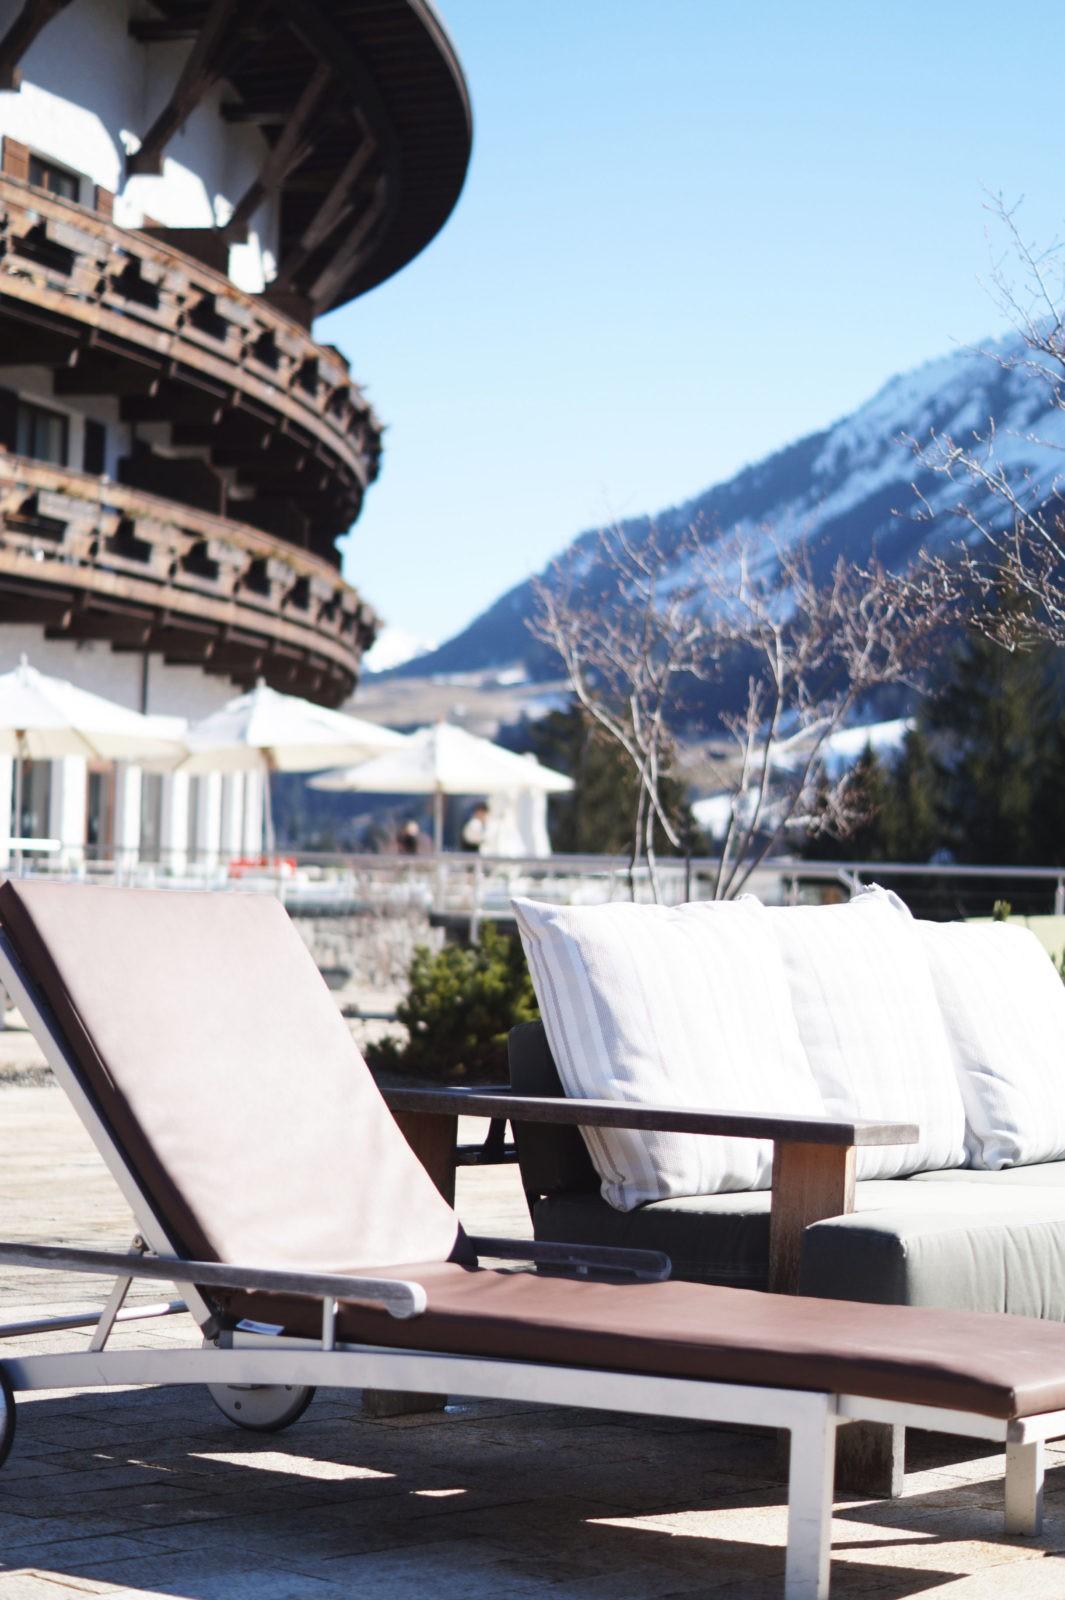 Hotel Review Travel Charme Ifen Hotel Kleinwalsertal Austria Österreich Hotelbewertung Gartenlandschaft Sonnenliege